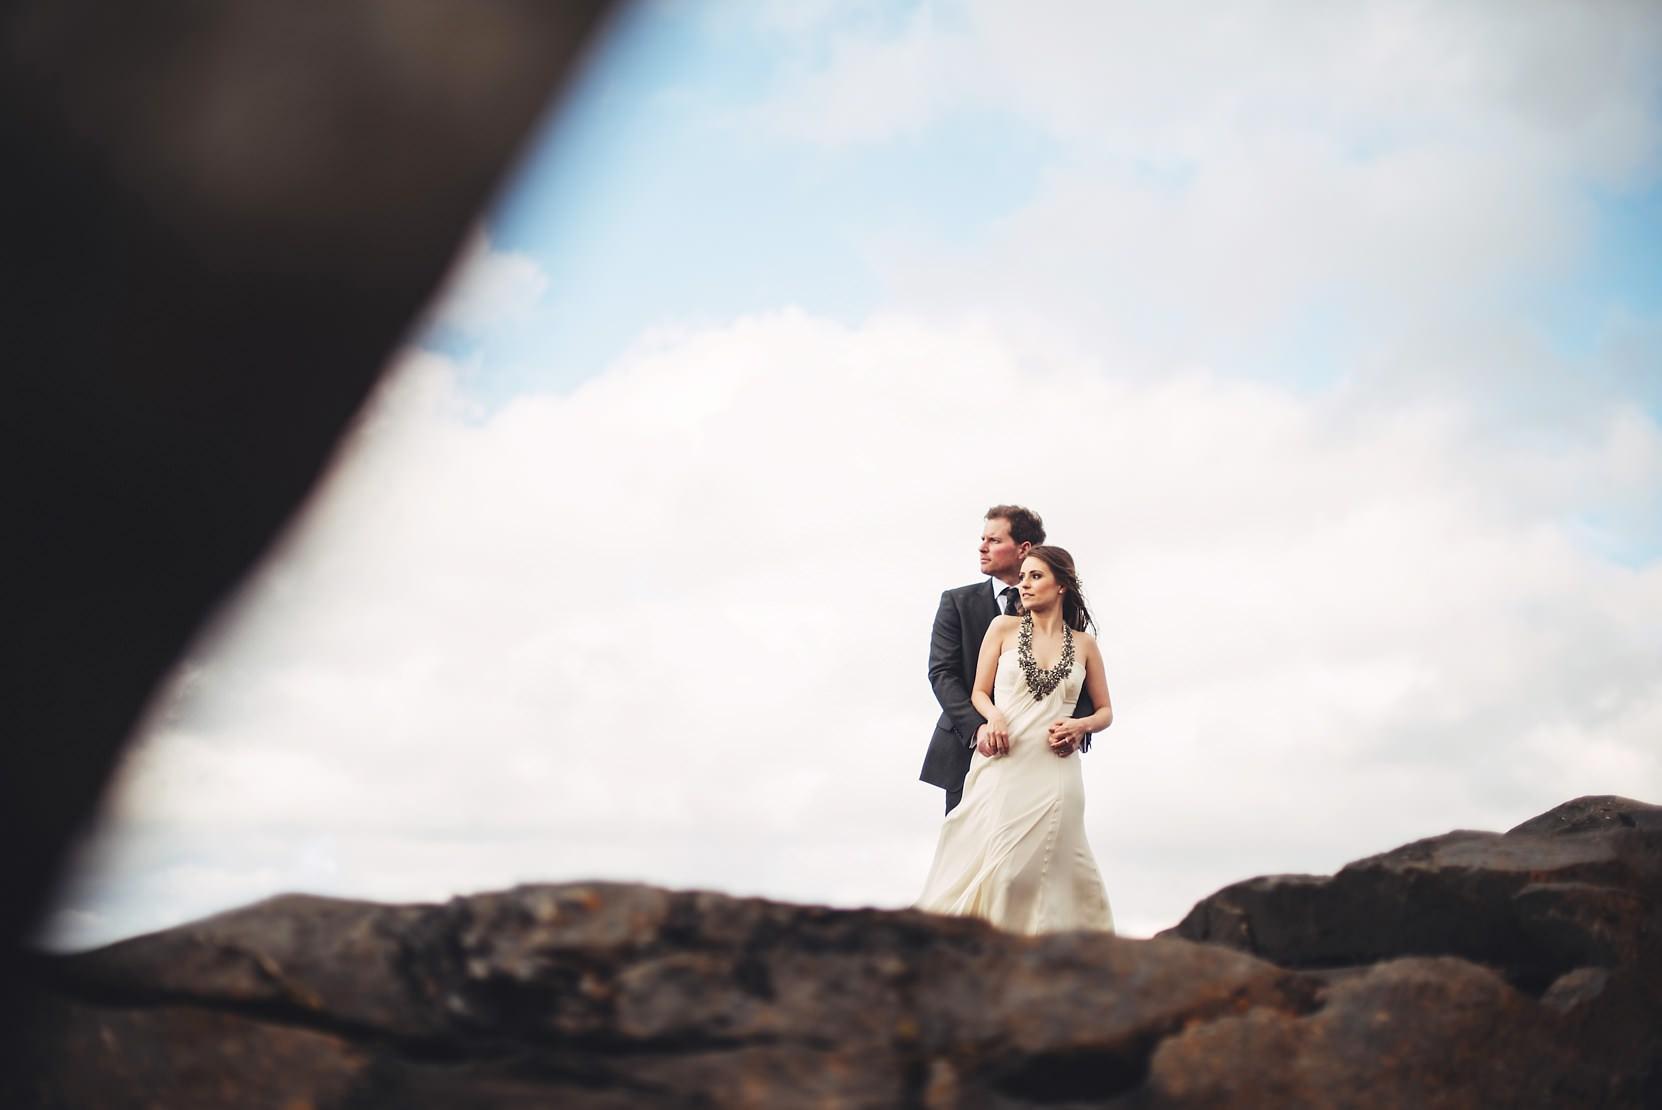 Portnoo-Wedding-Photography_0099